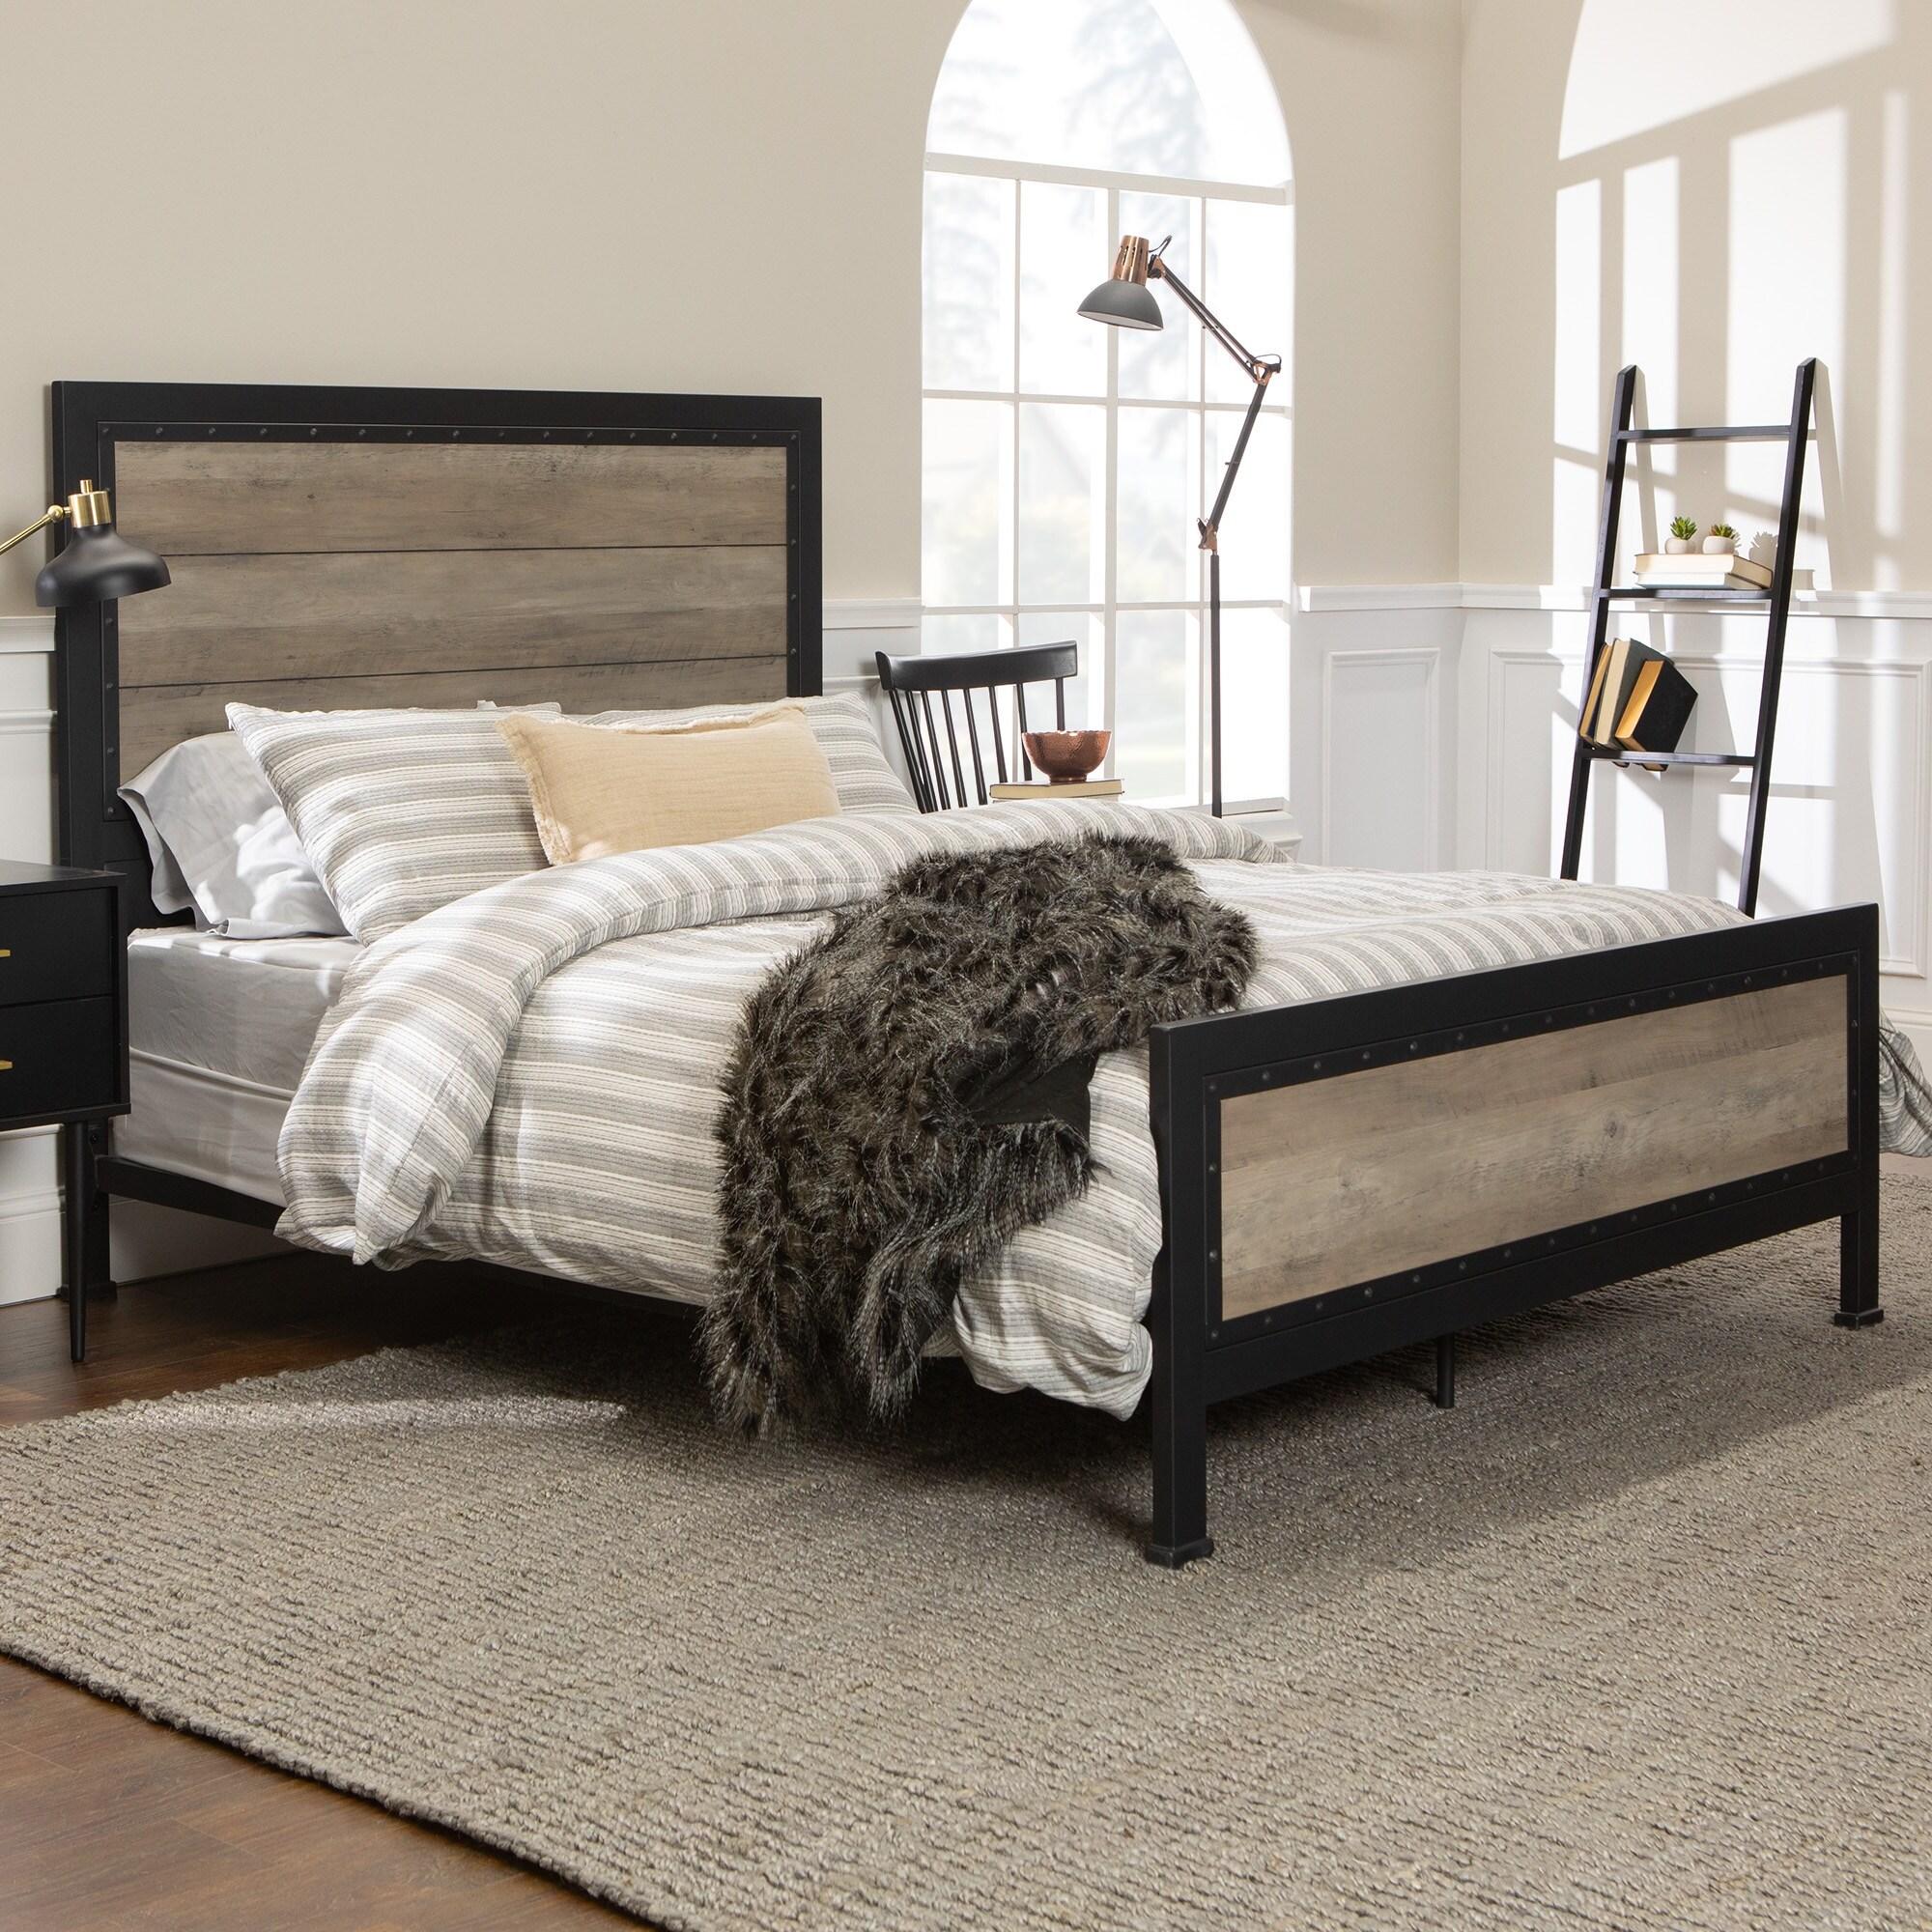 Carbon Loft Santos Rustic Metal Queen Panel Bed On Sale Overstock 18239566 Reclaimed Barnwood